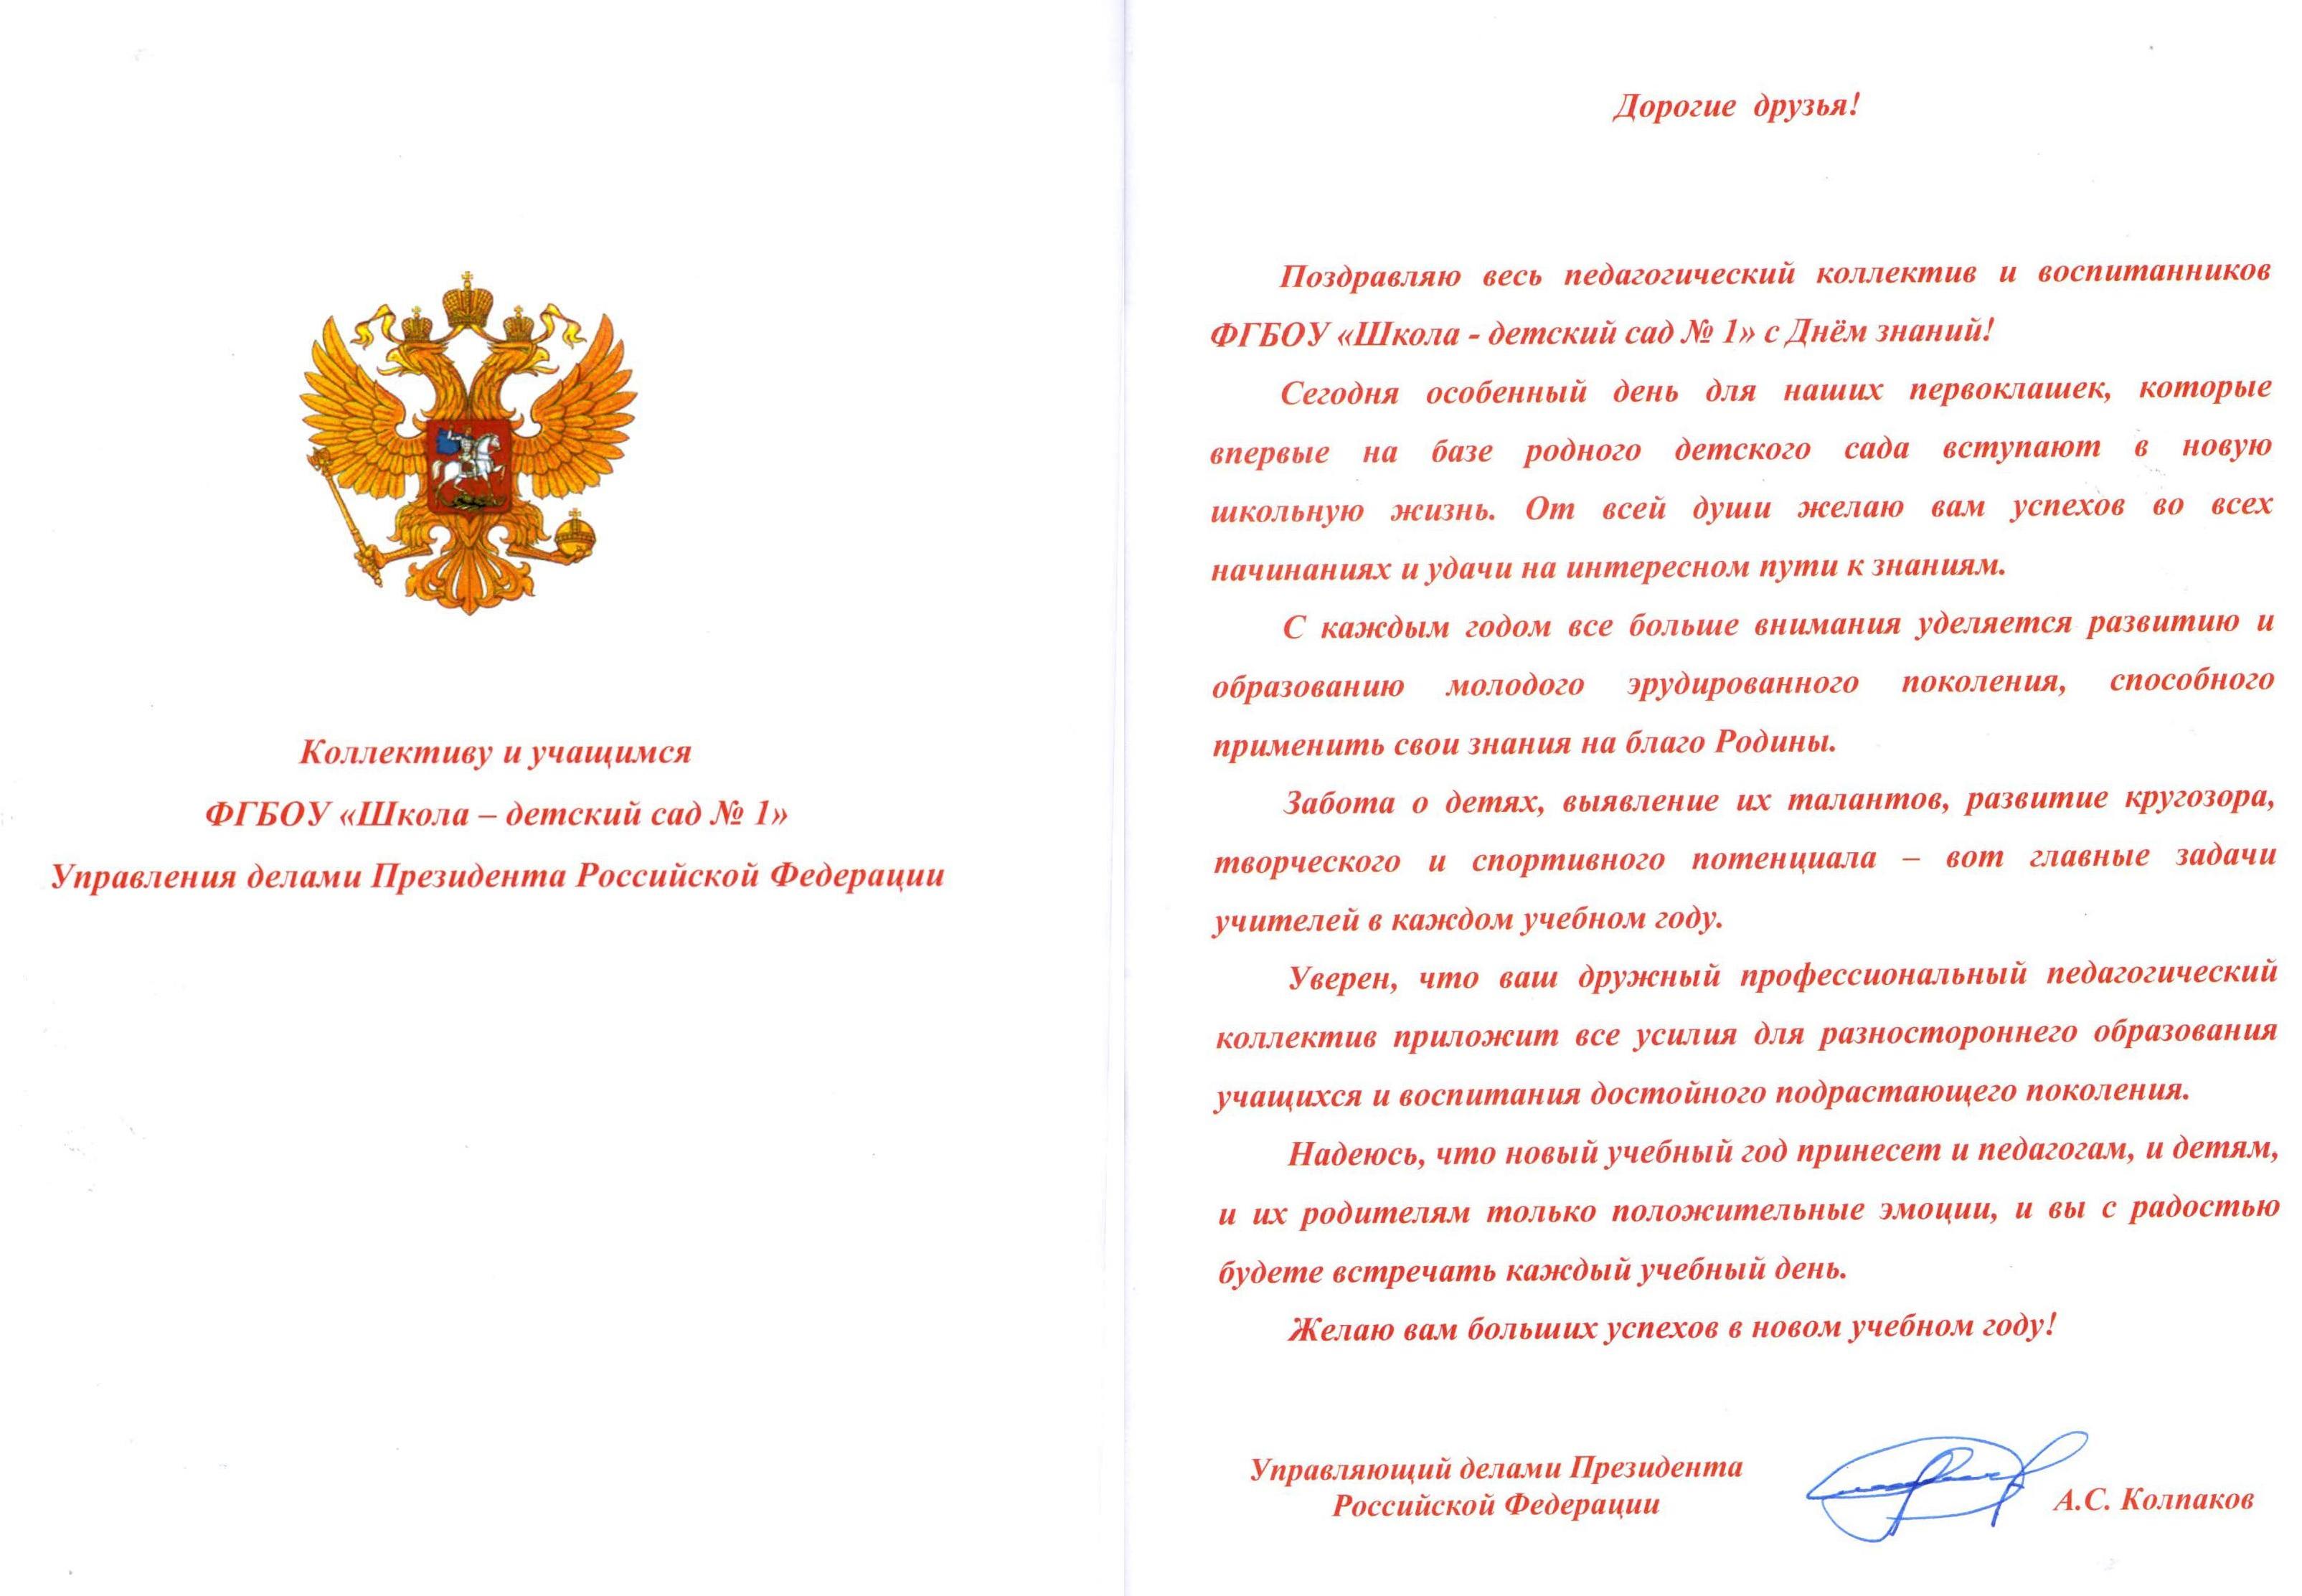 Поздравление Управляющего делами Президента Российской Федерации с Днем знаний